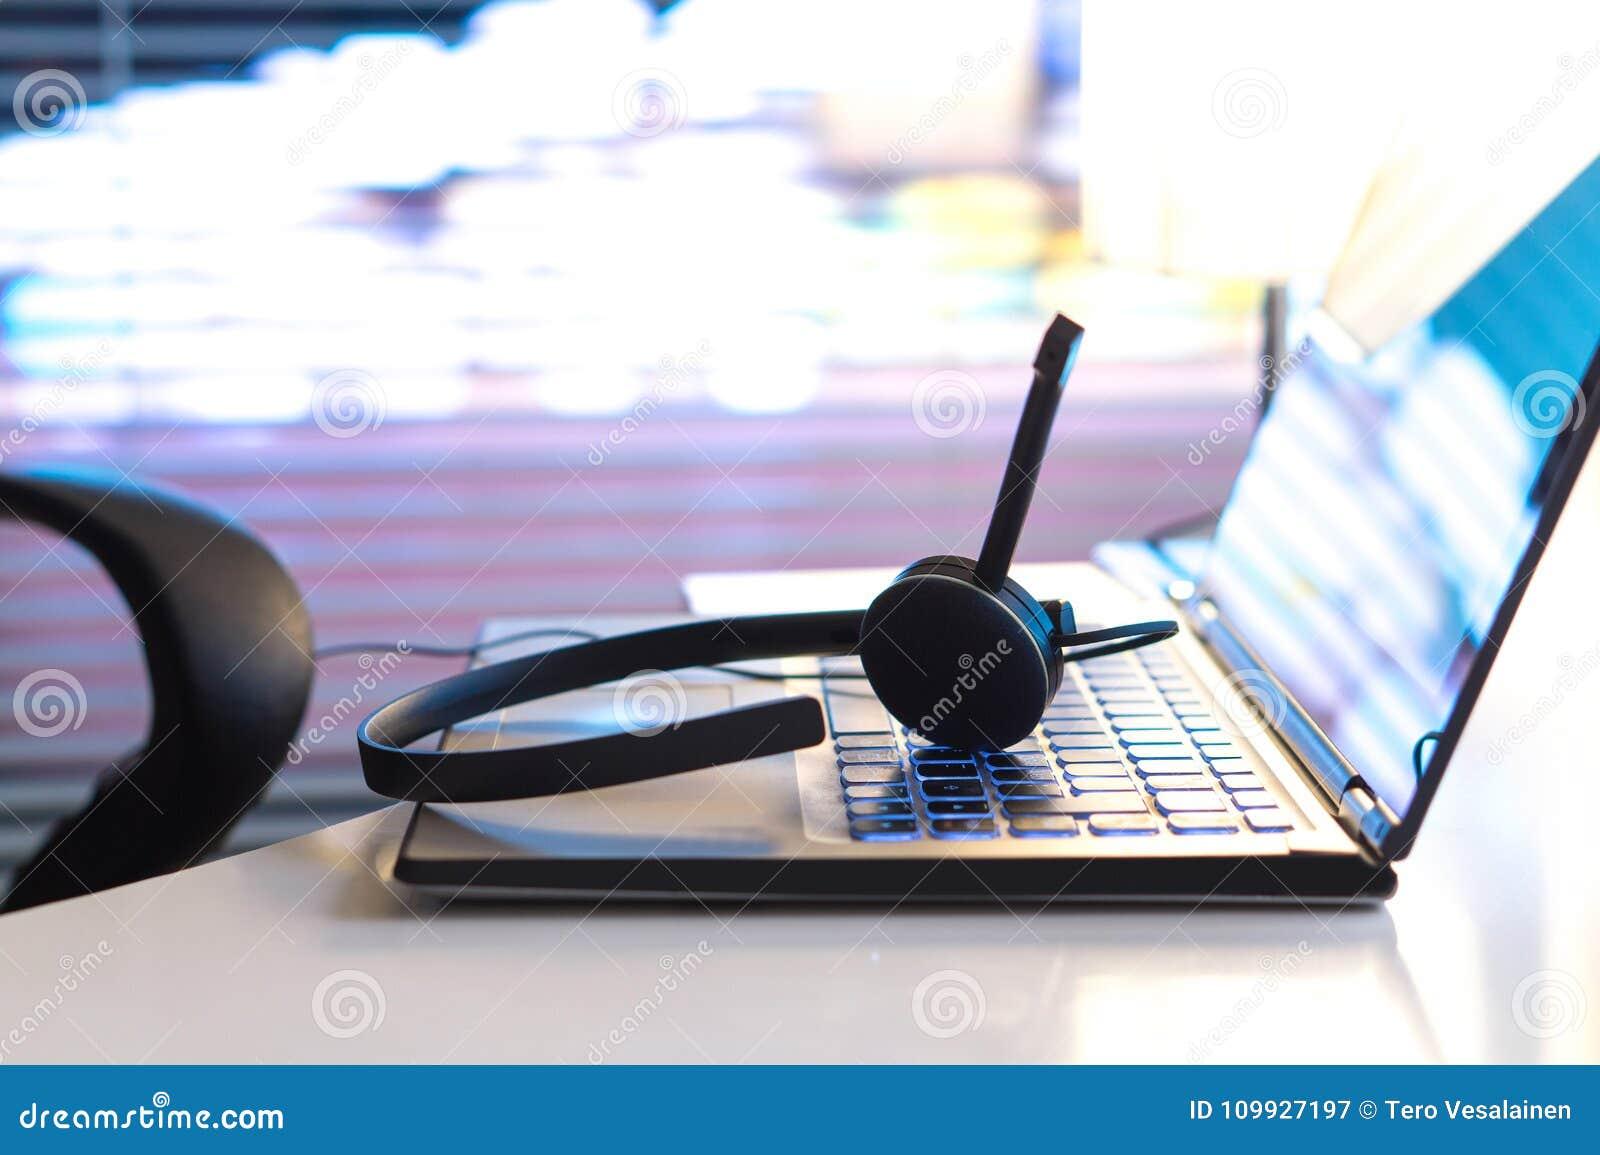 Γραφείο βοήθειας, 24/7 εξυπηρέτηση πελατών, άμεση επικοινωνία υποστήριξης ή τηλεφωνικό κέντρο